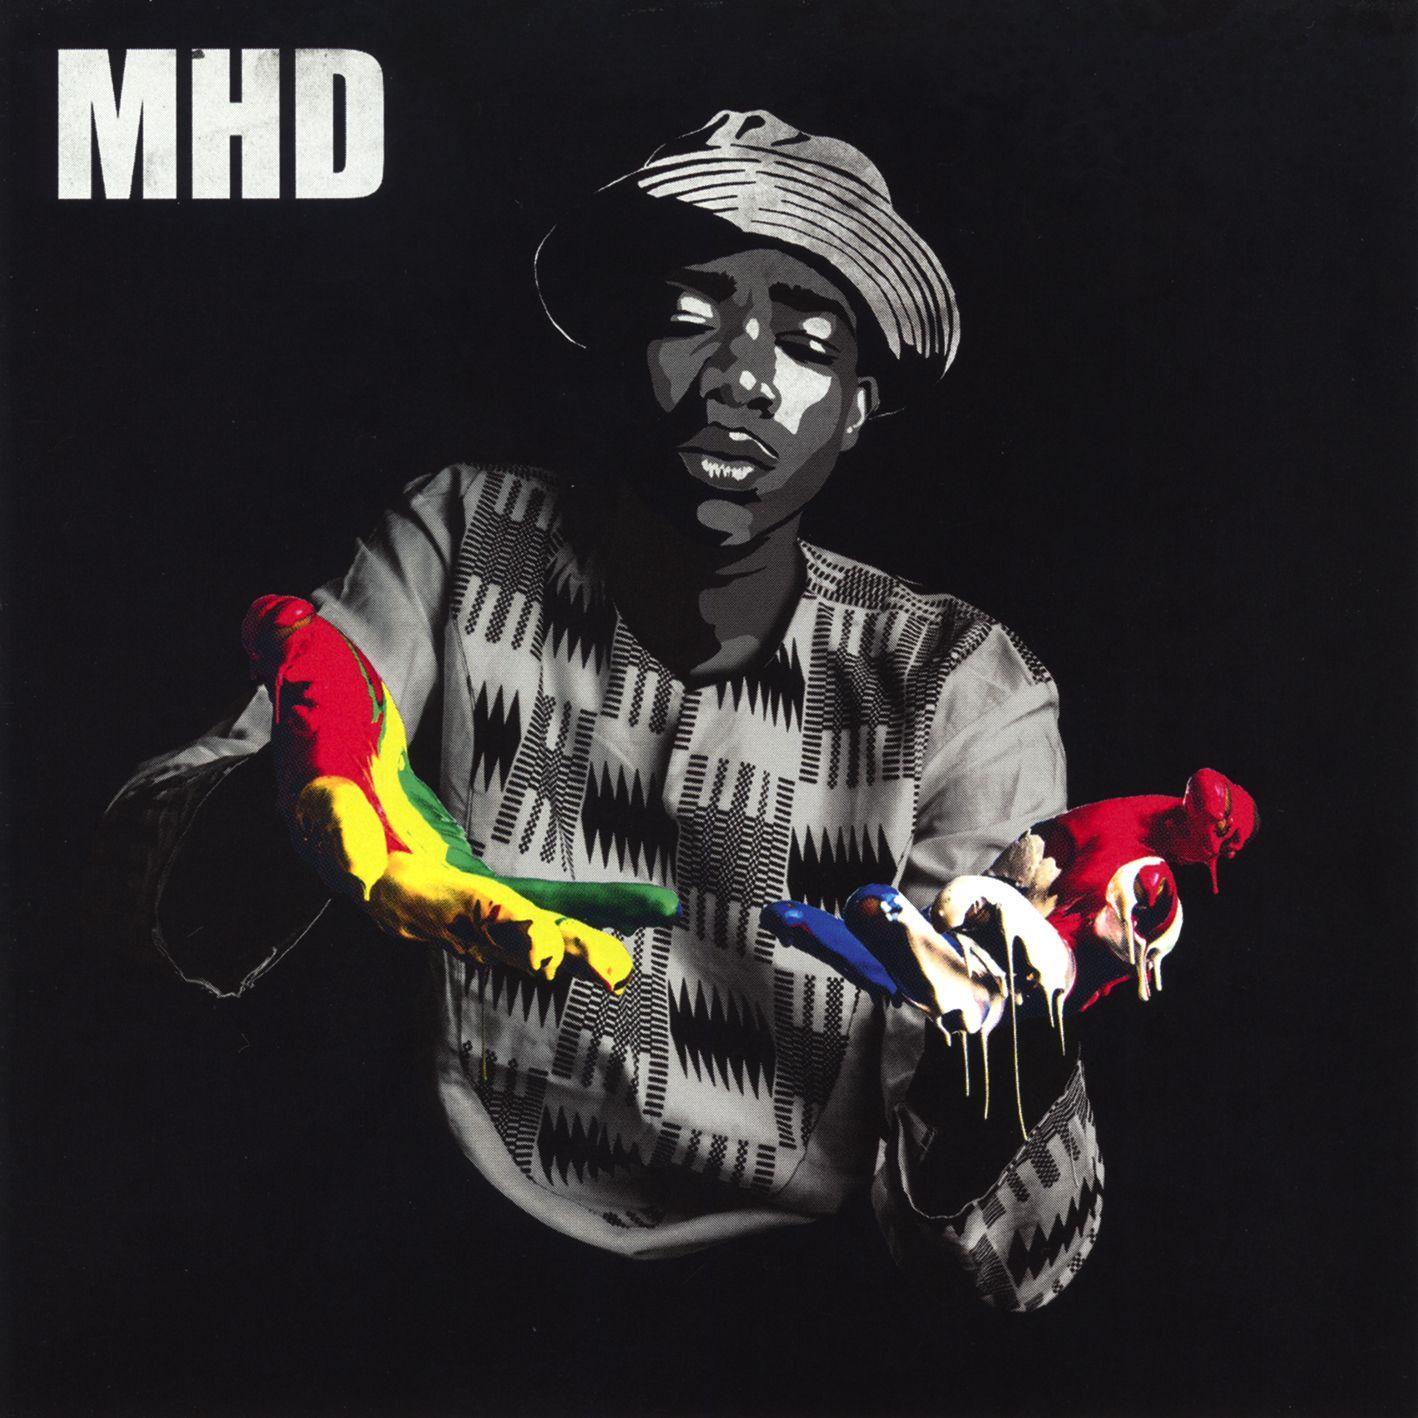 MHD - MHD album cover